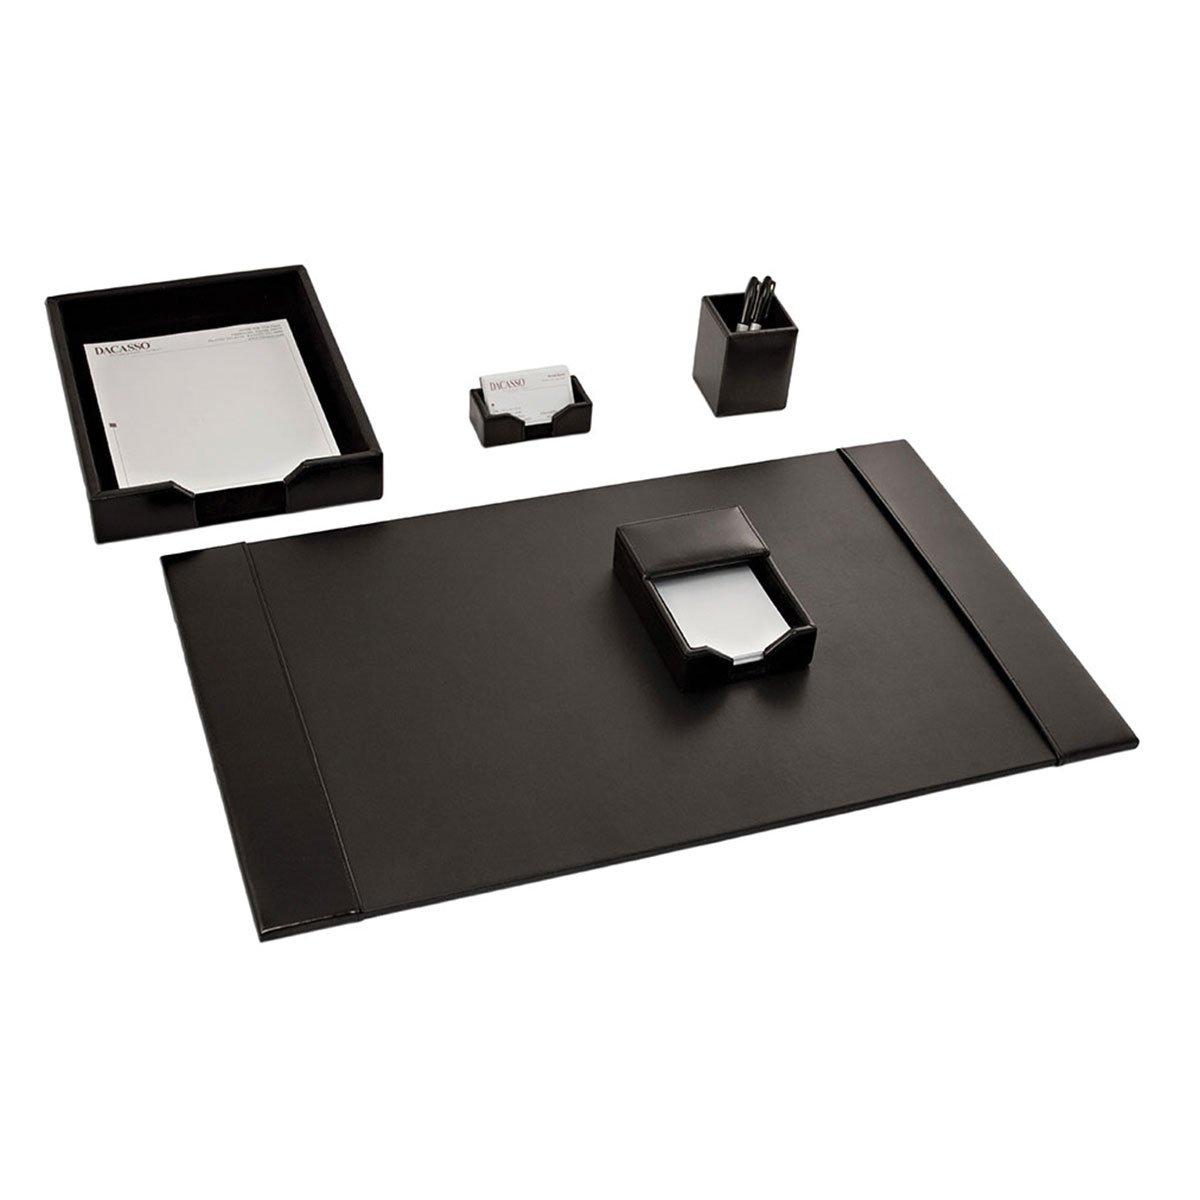 Dacasso Black Bonded Leather Desk Set, 5-Piece D1402